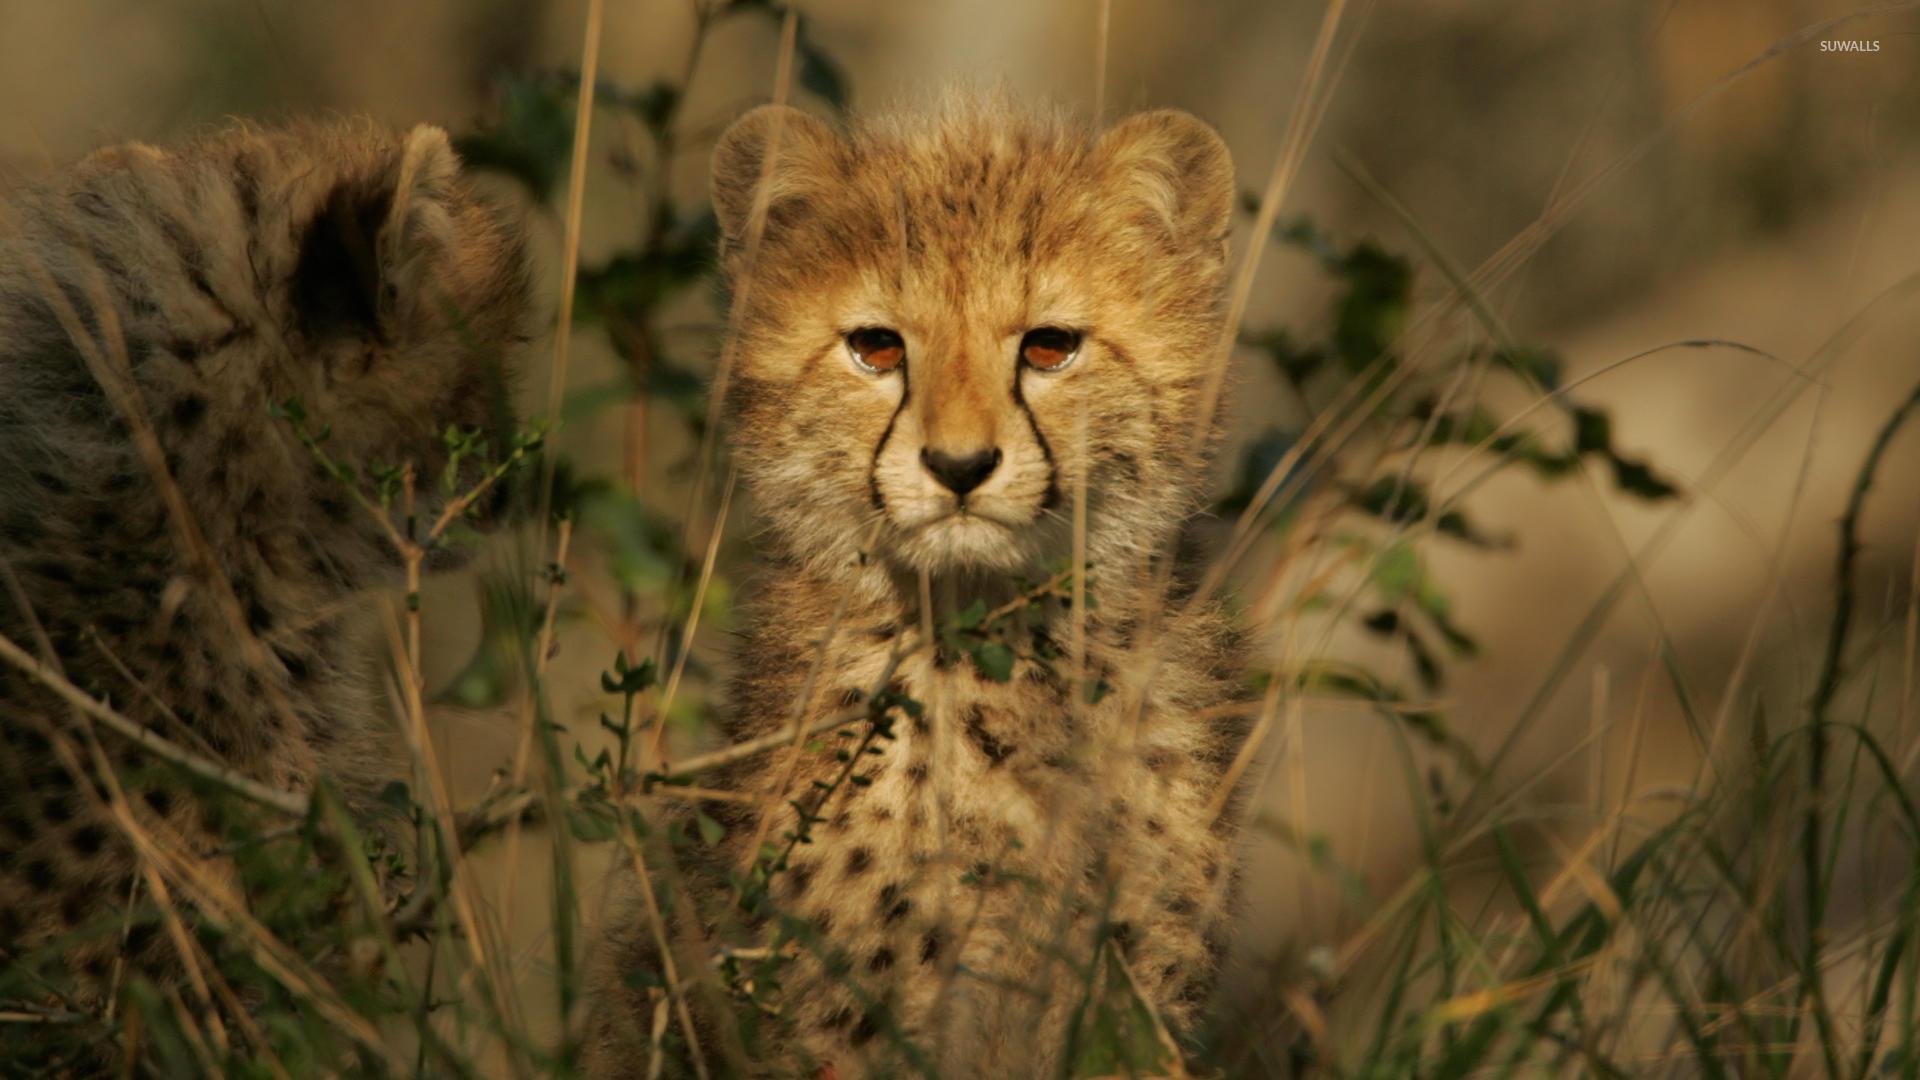 Cute Little Kitten Desktop Wallpapers Cheetah Cub Wallpaper Animal Wallpapers 3320